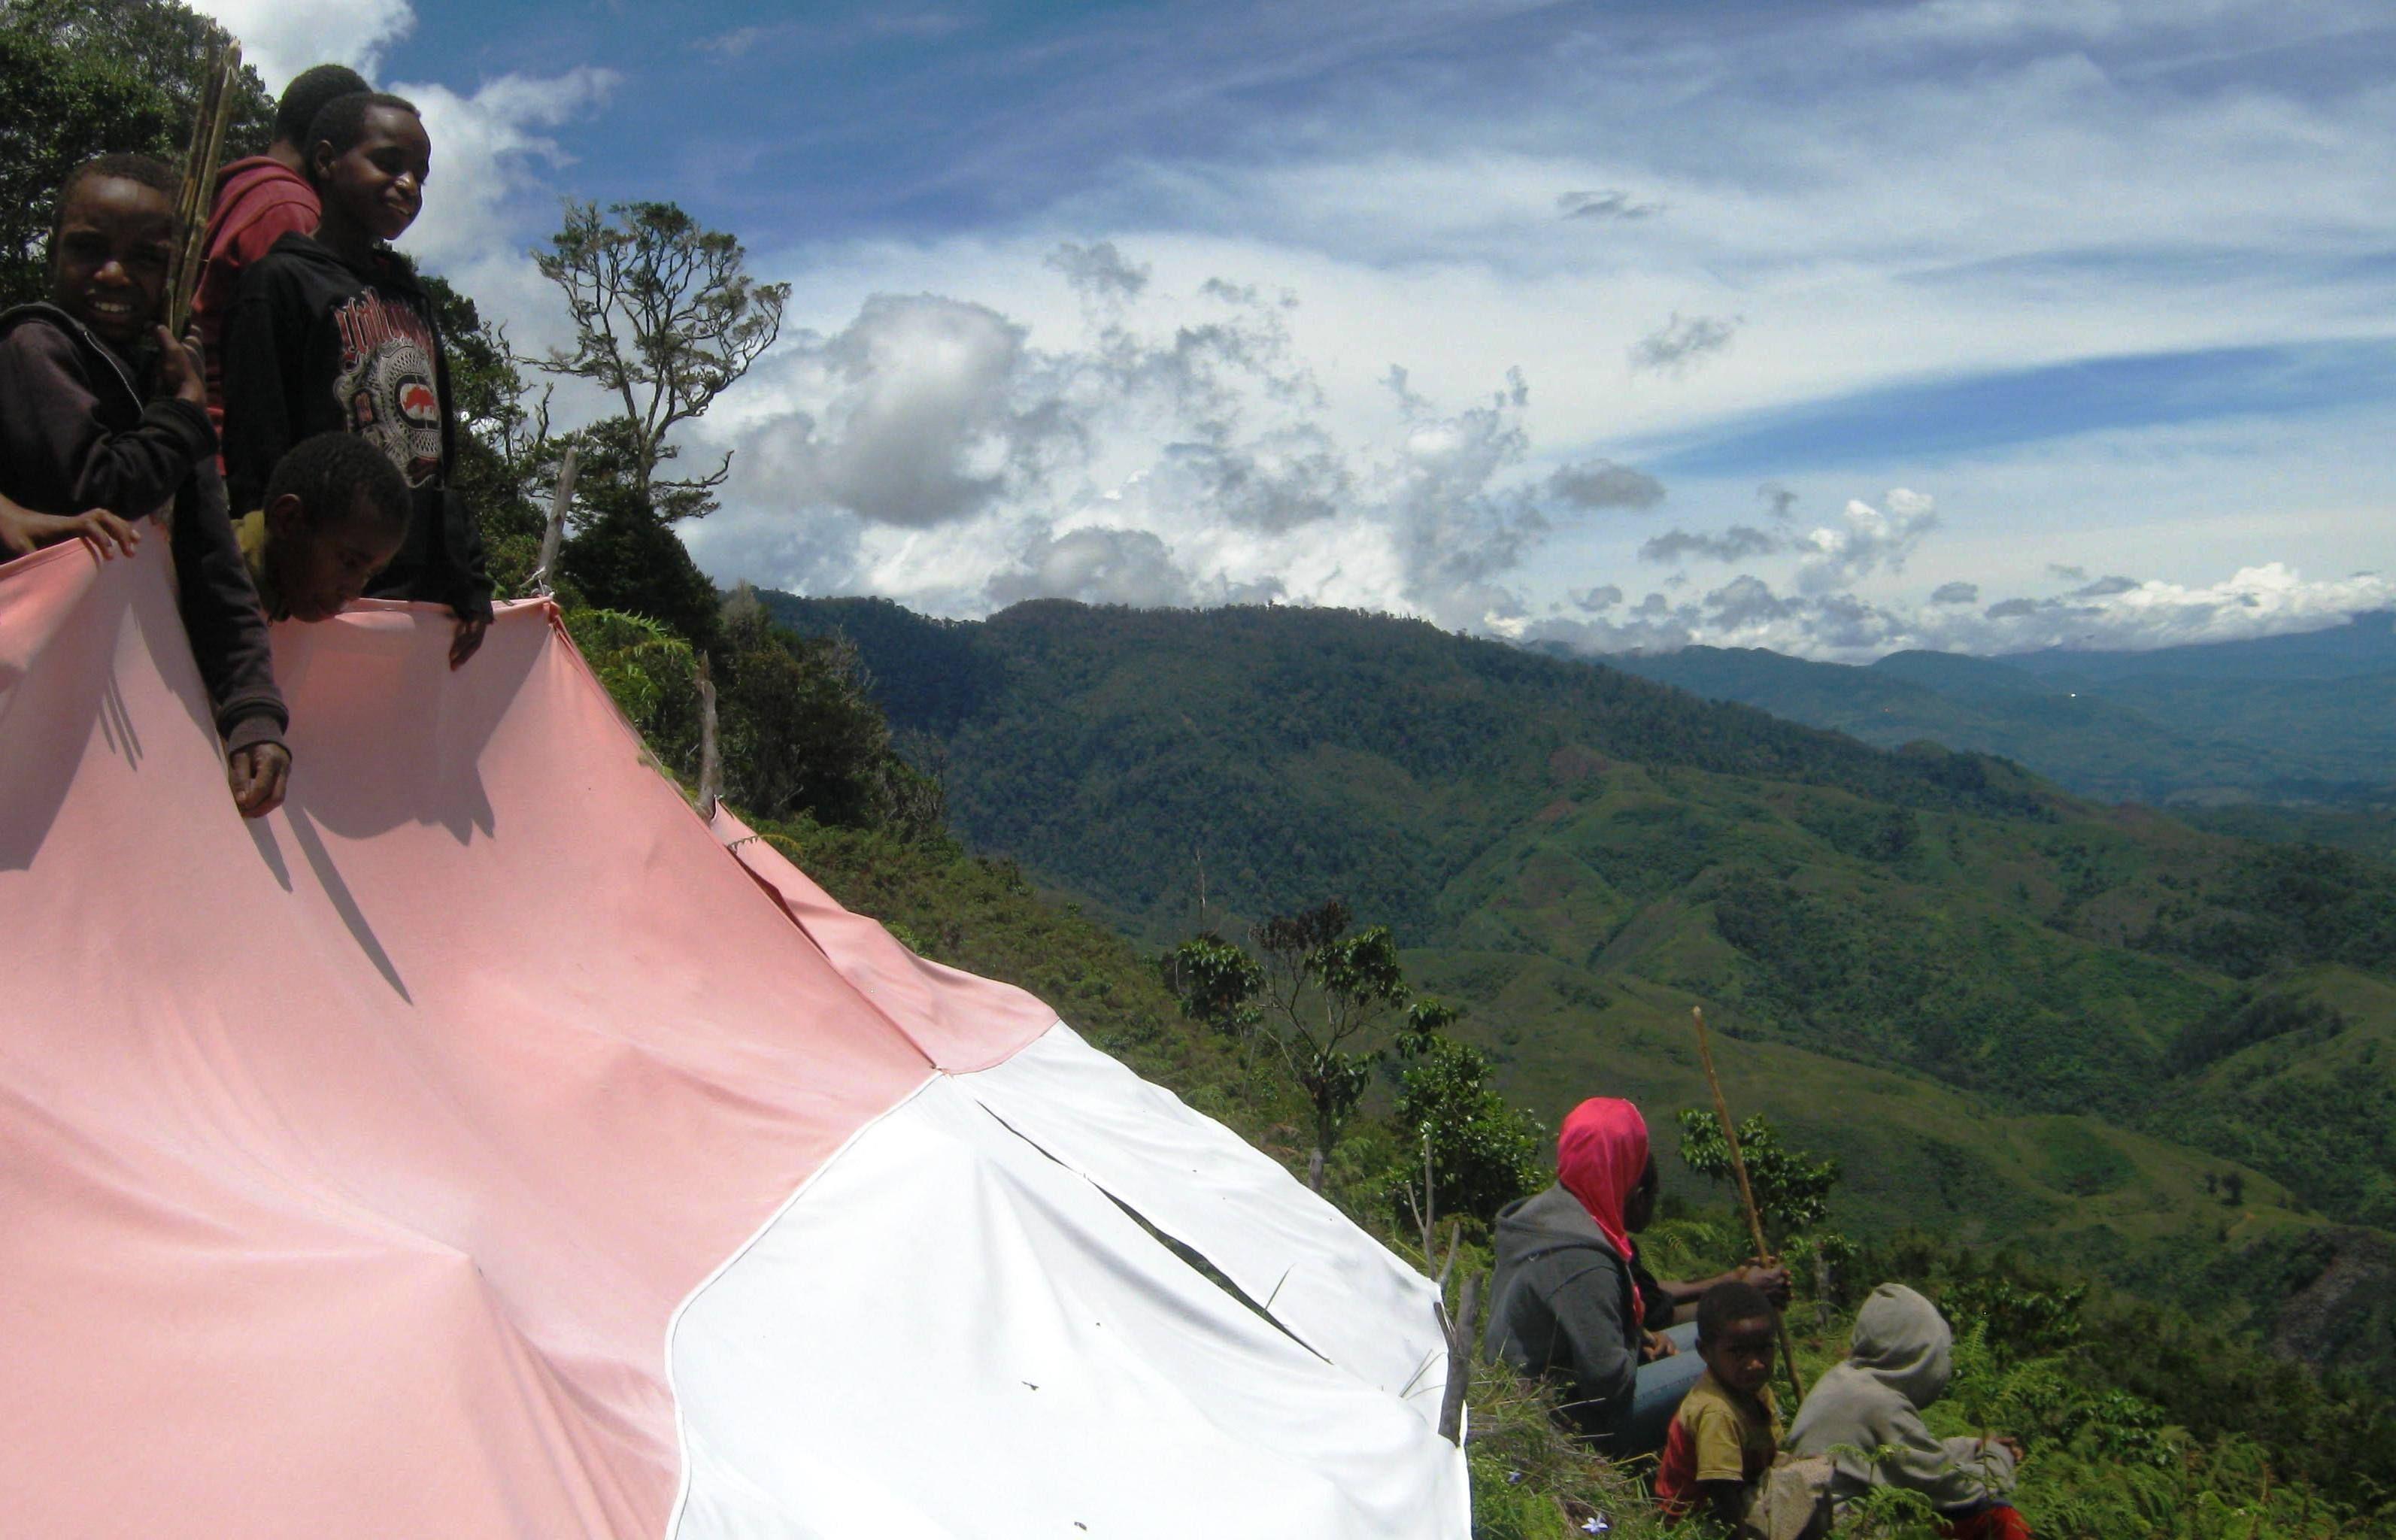 anakanak suku dani wamena mengibarkan bendera indonesia